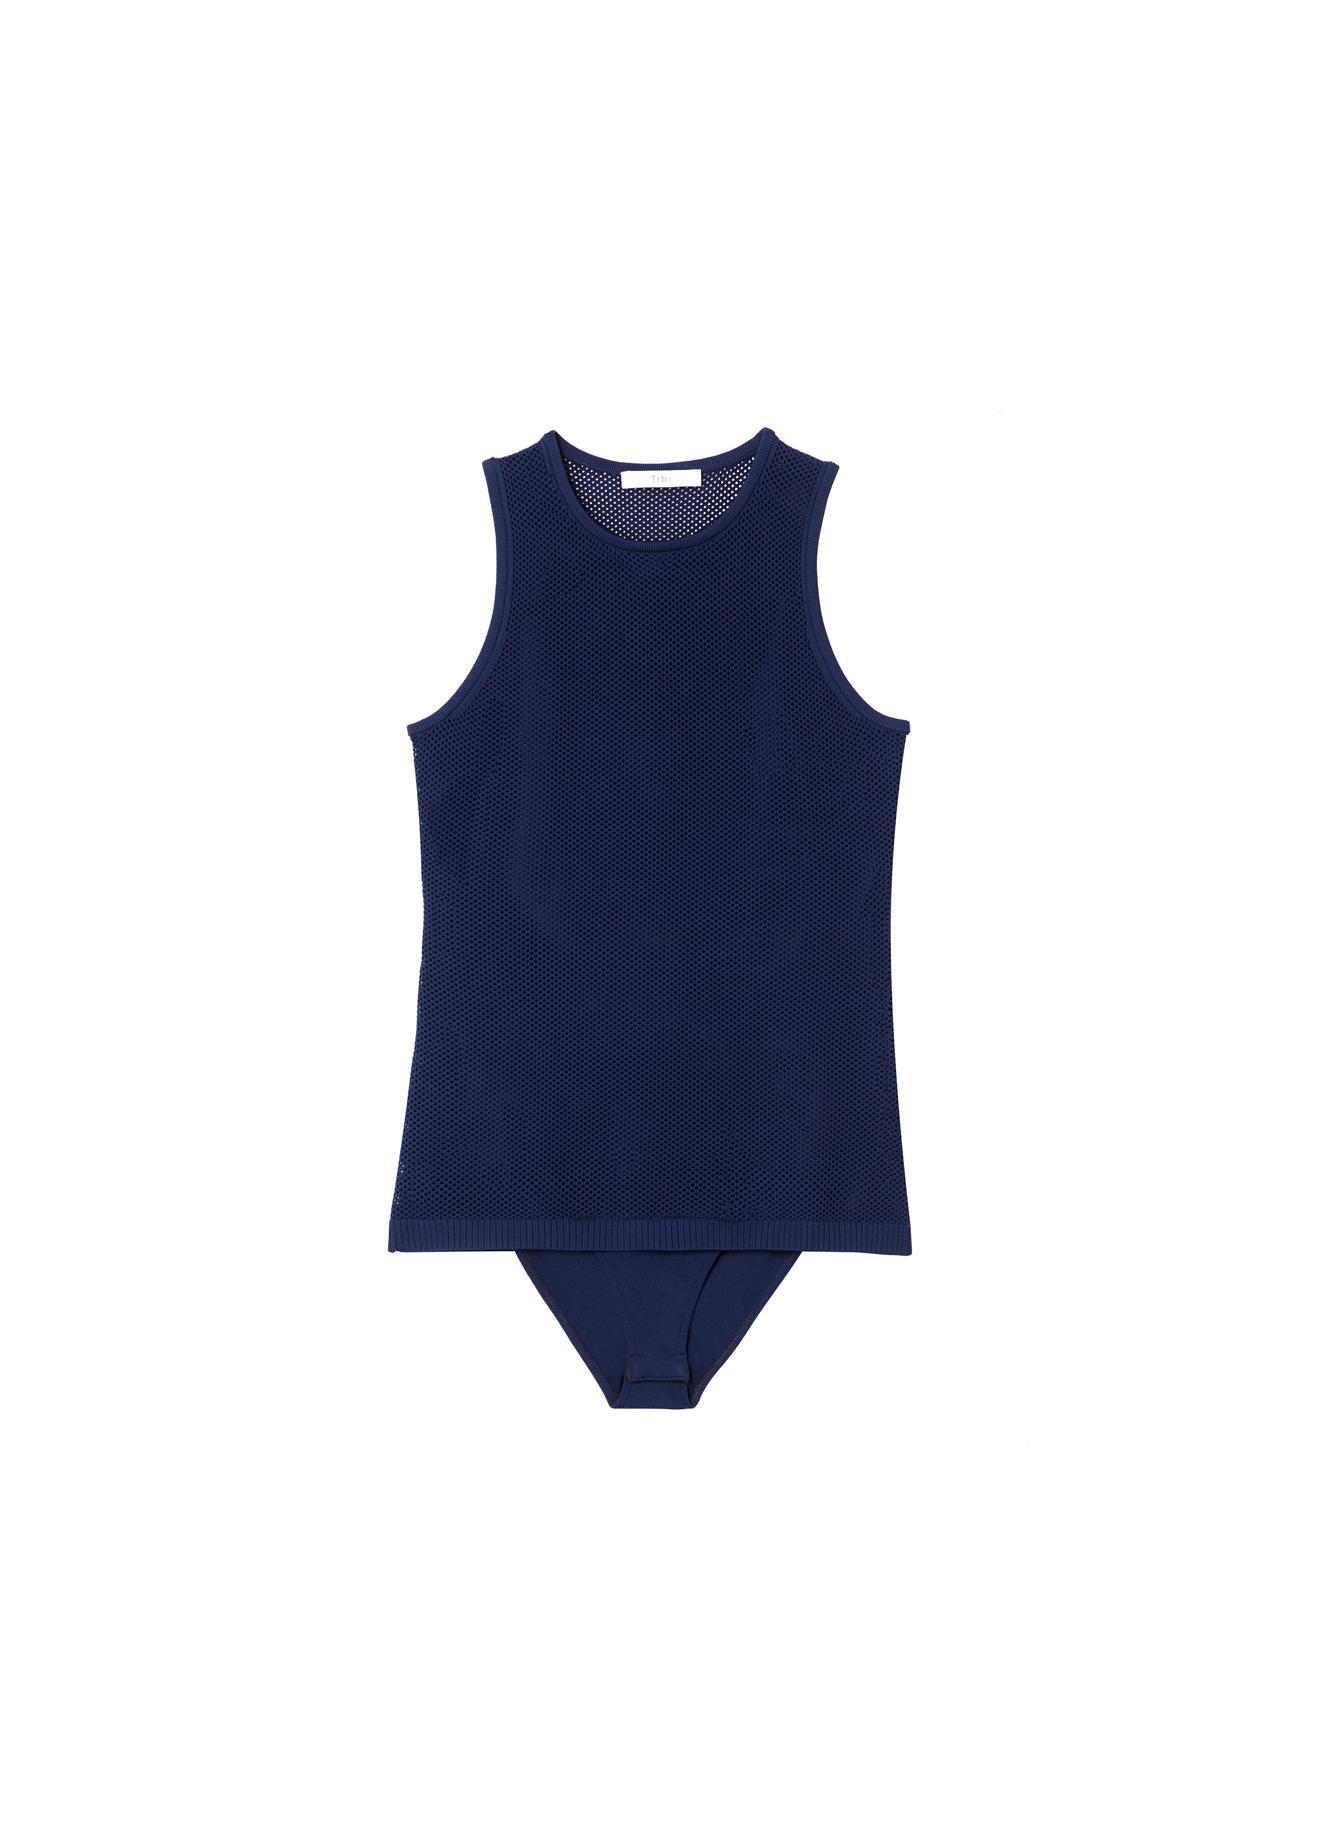 Tibi - Blue Tech Poly Mesh Bodysuit - Lyst. View fullscreen 374a2fd76